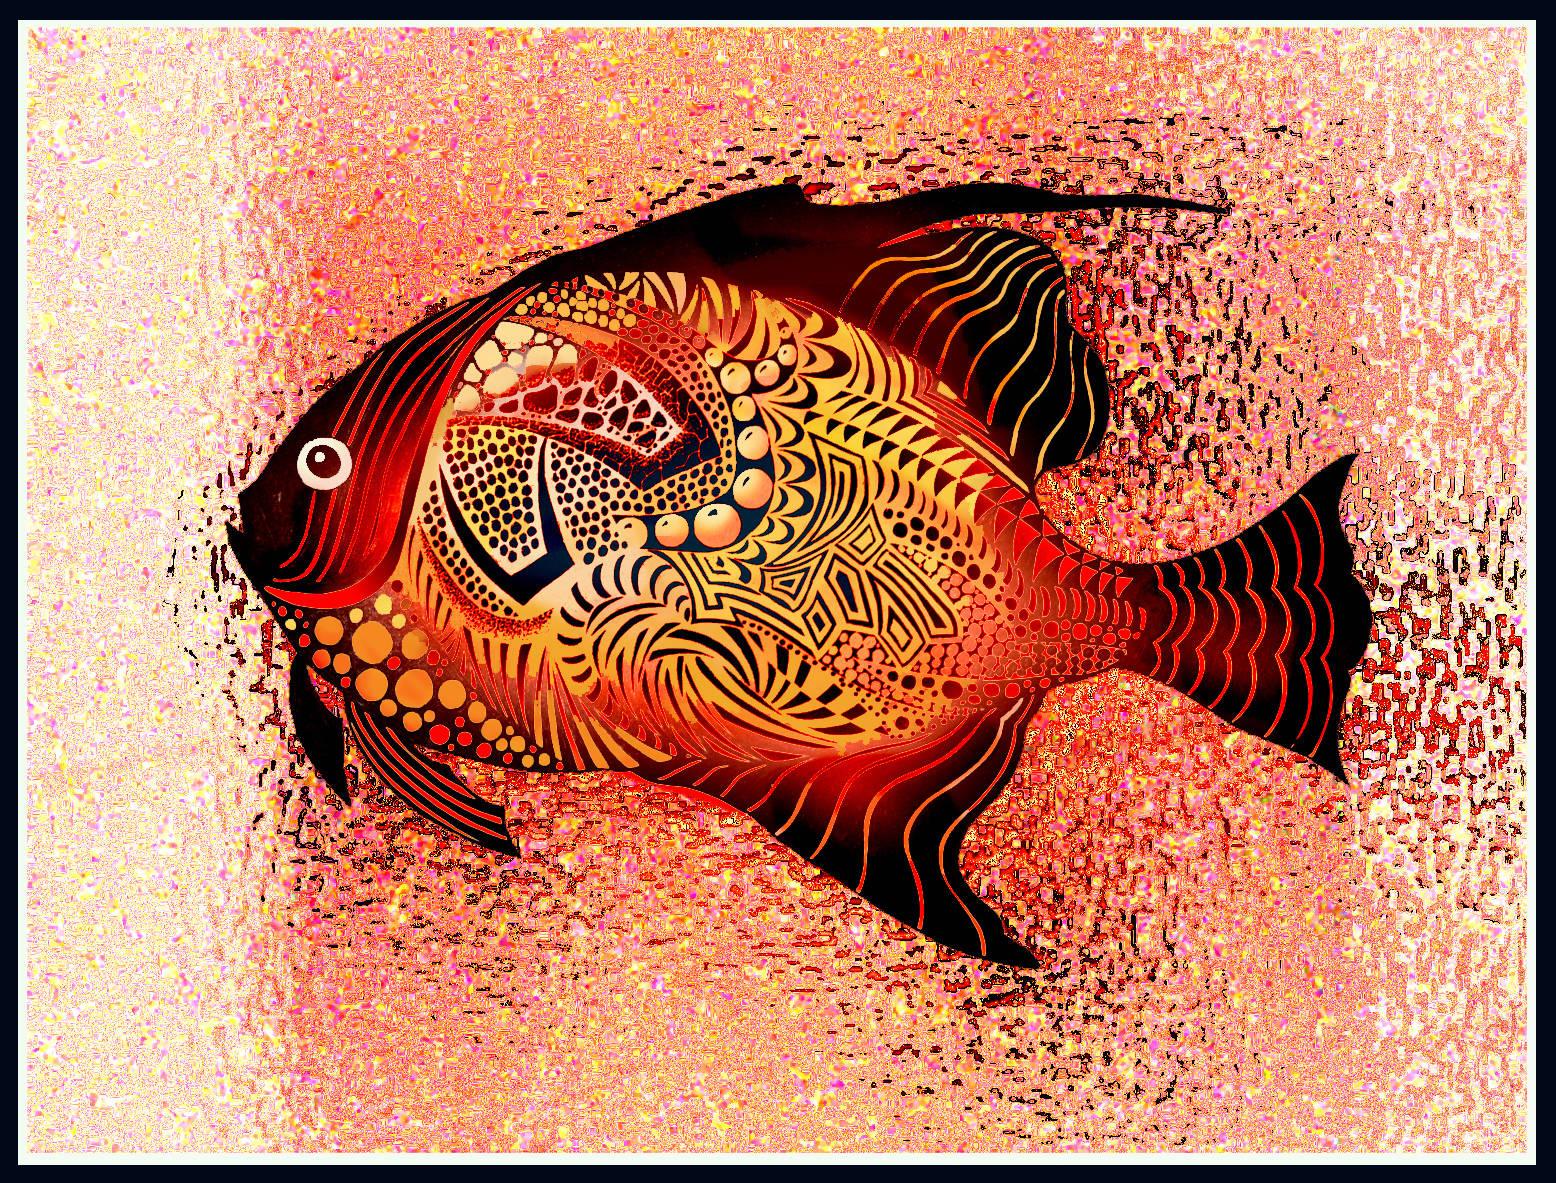 Из жизни рыбок.